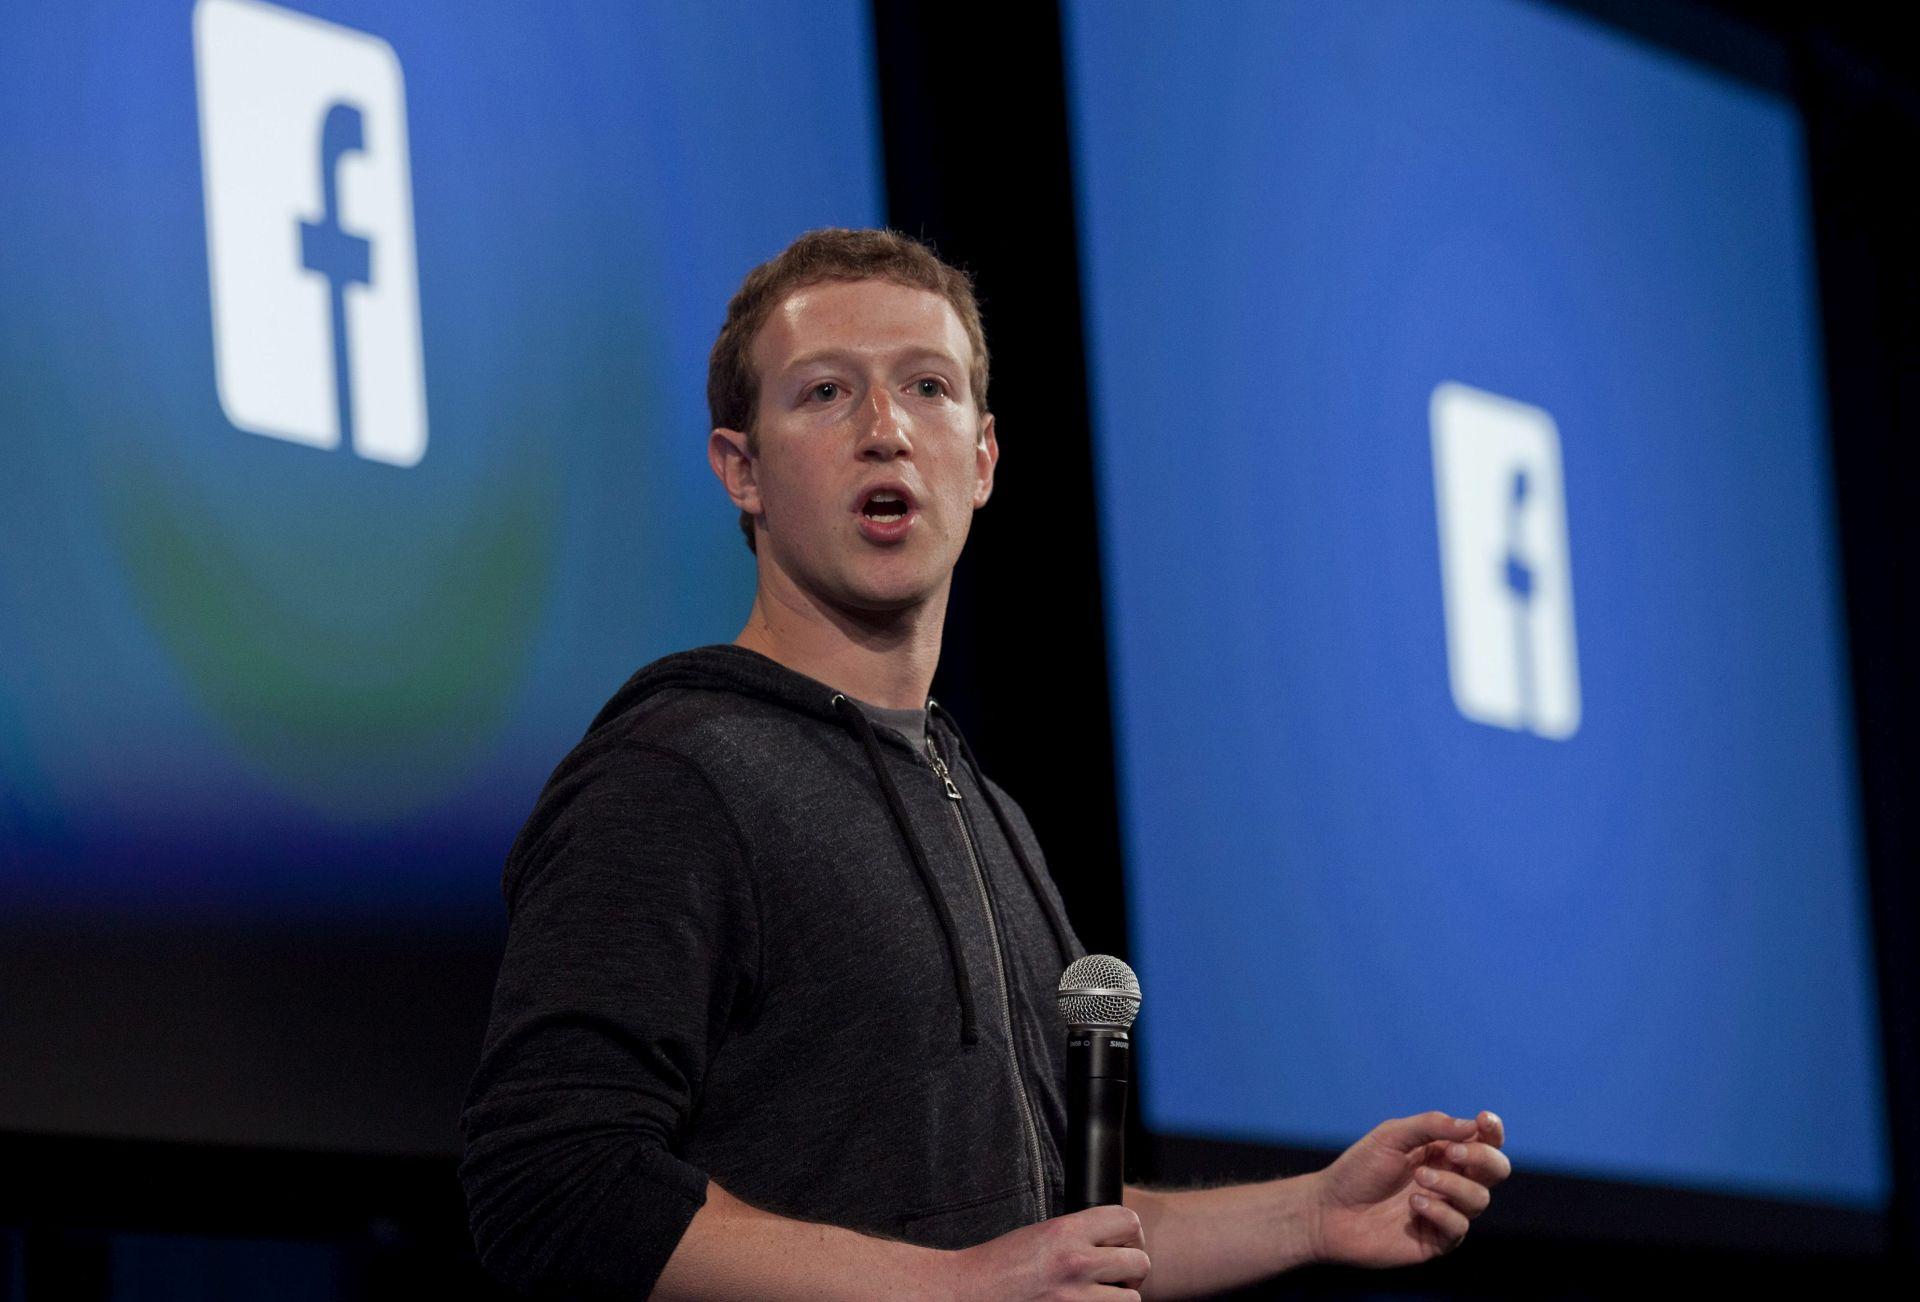 'Dobra vila' Zuckerberg ublažila prijetnju 'zločestog' Trumpa